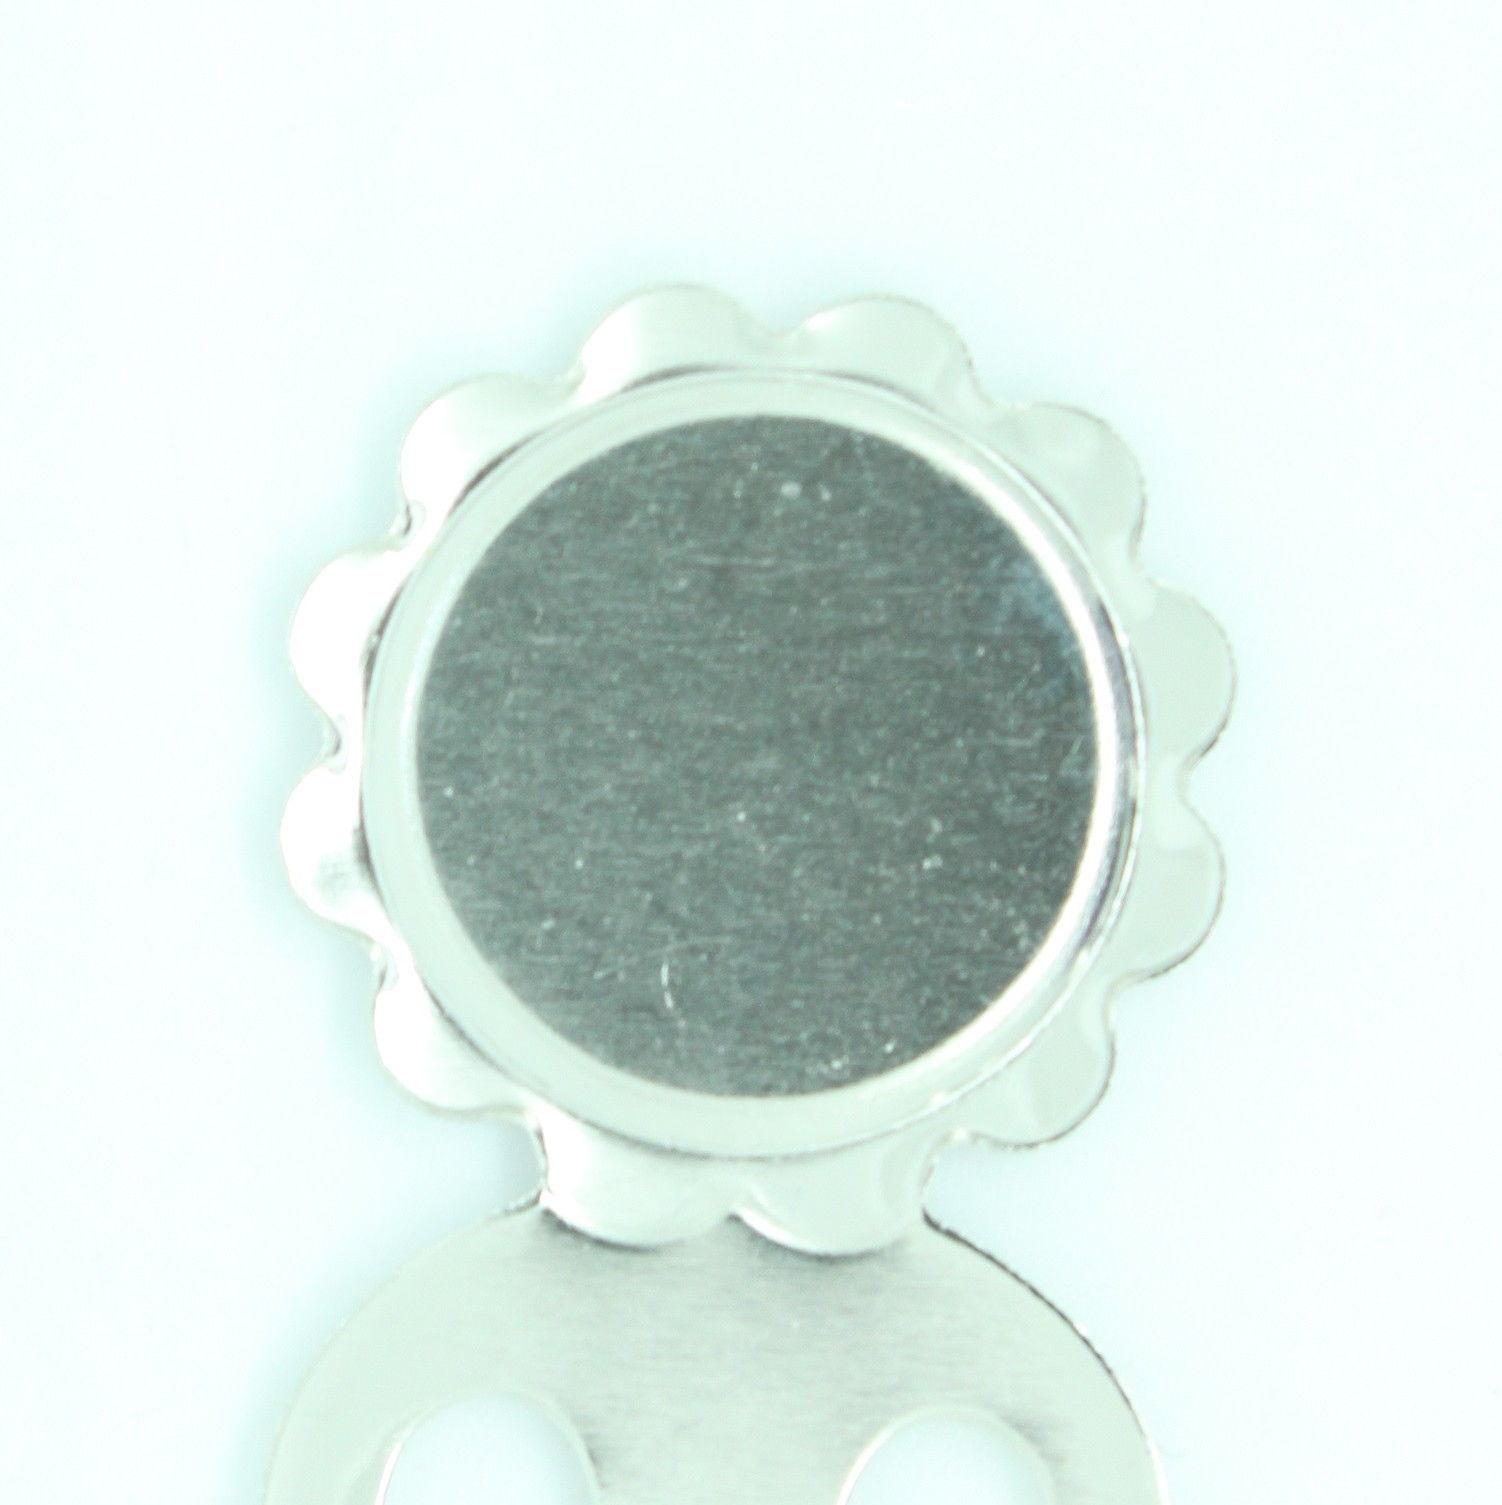 Beautiful Black White Silver Murano Glass Bookmark with Millefiori